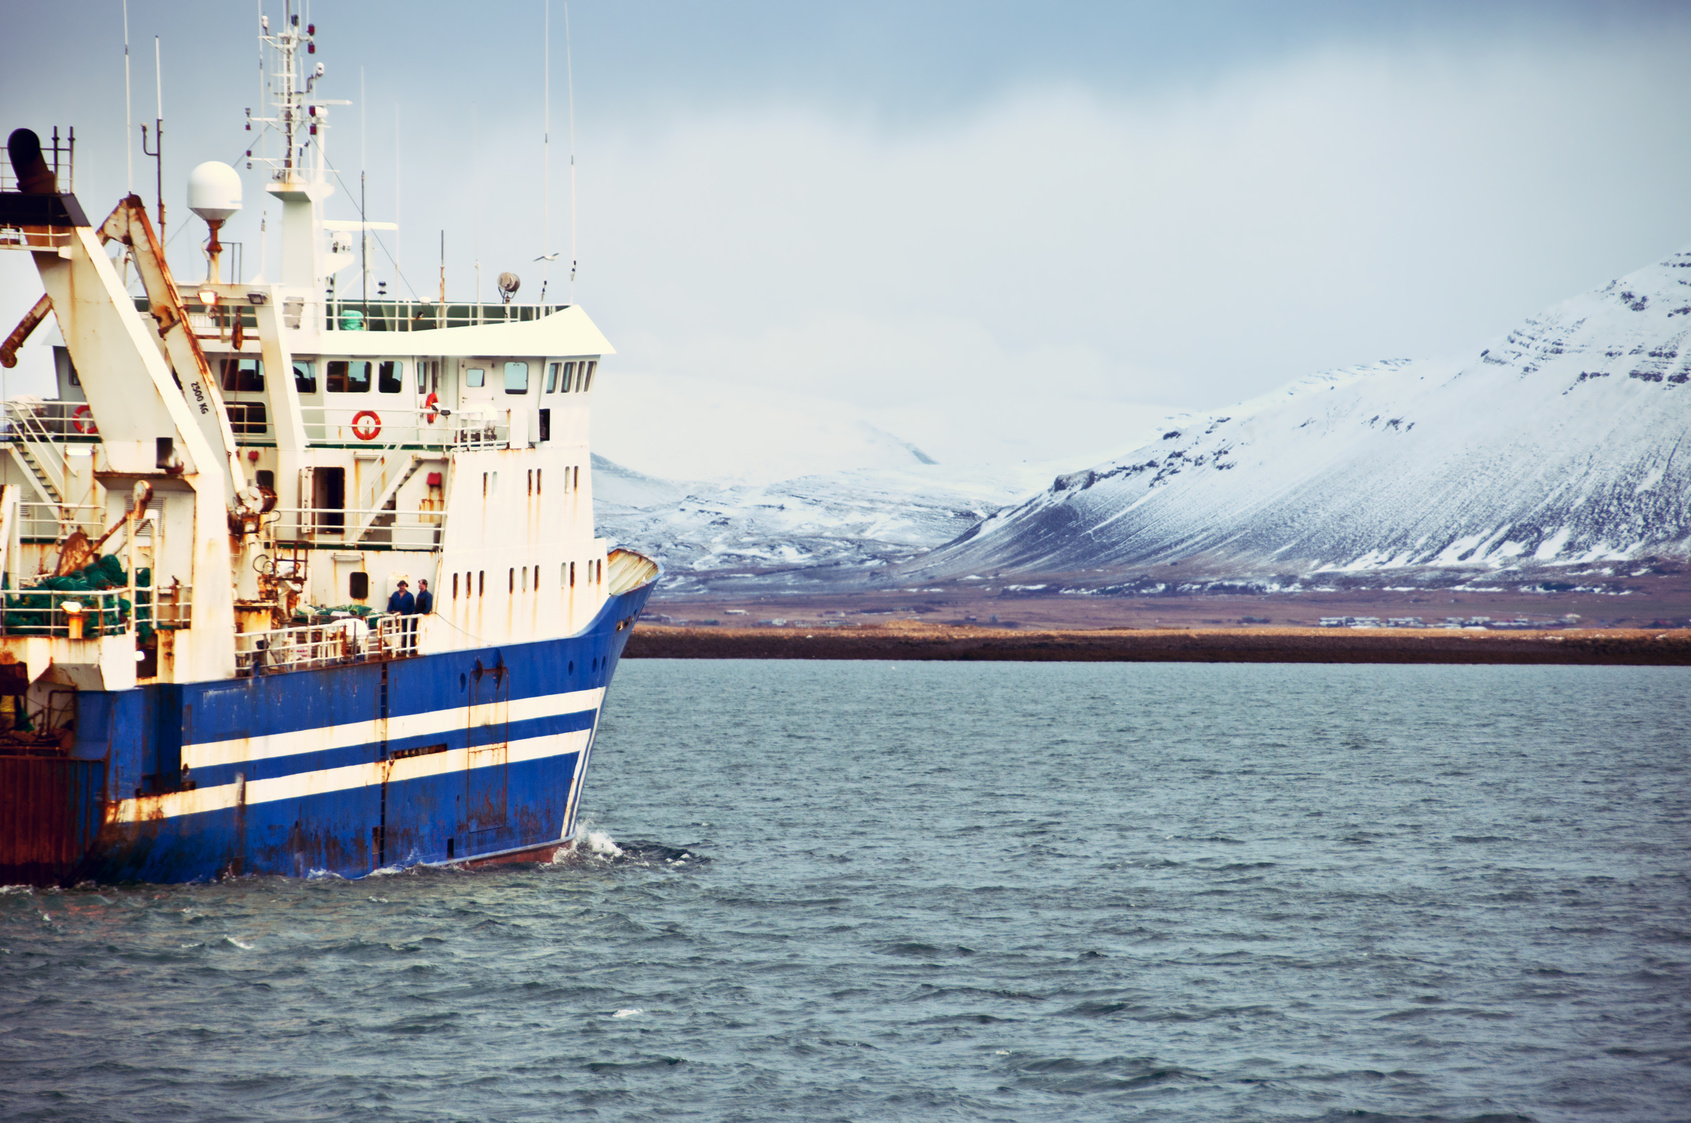 Islandia Rotta: dzień 4 Biuro podróży Goforworld by Kuźniar